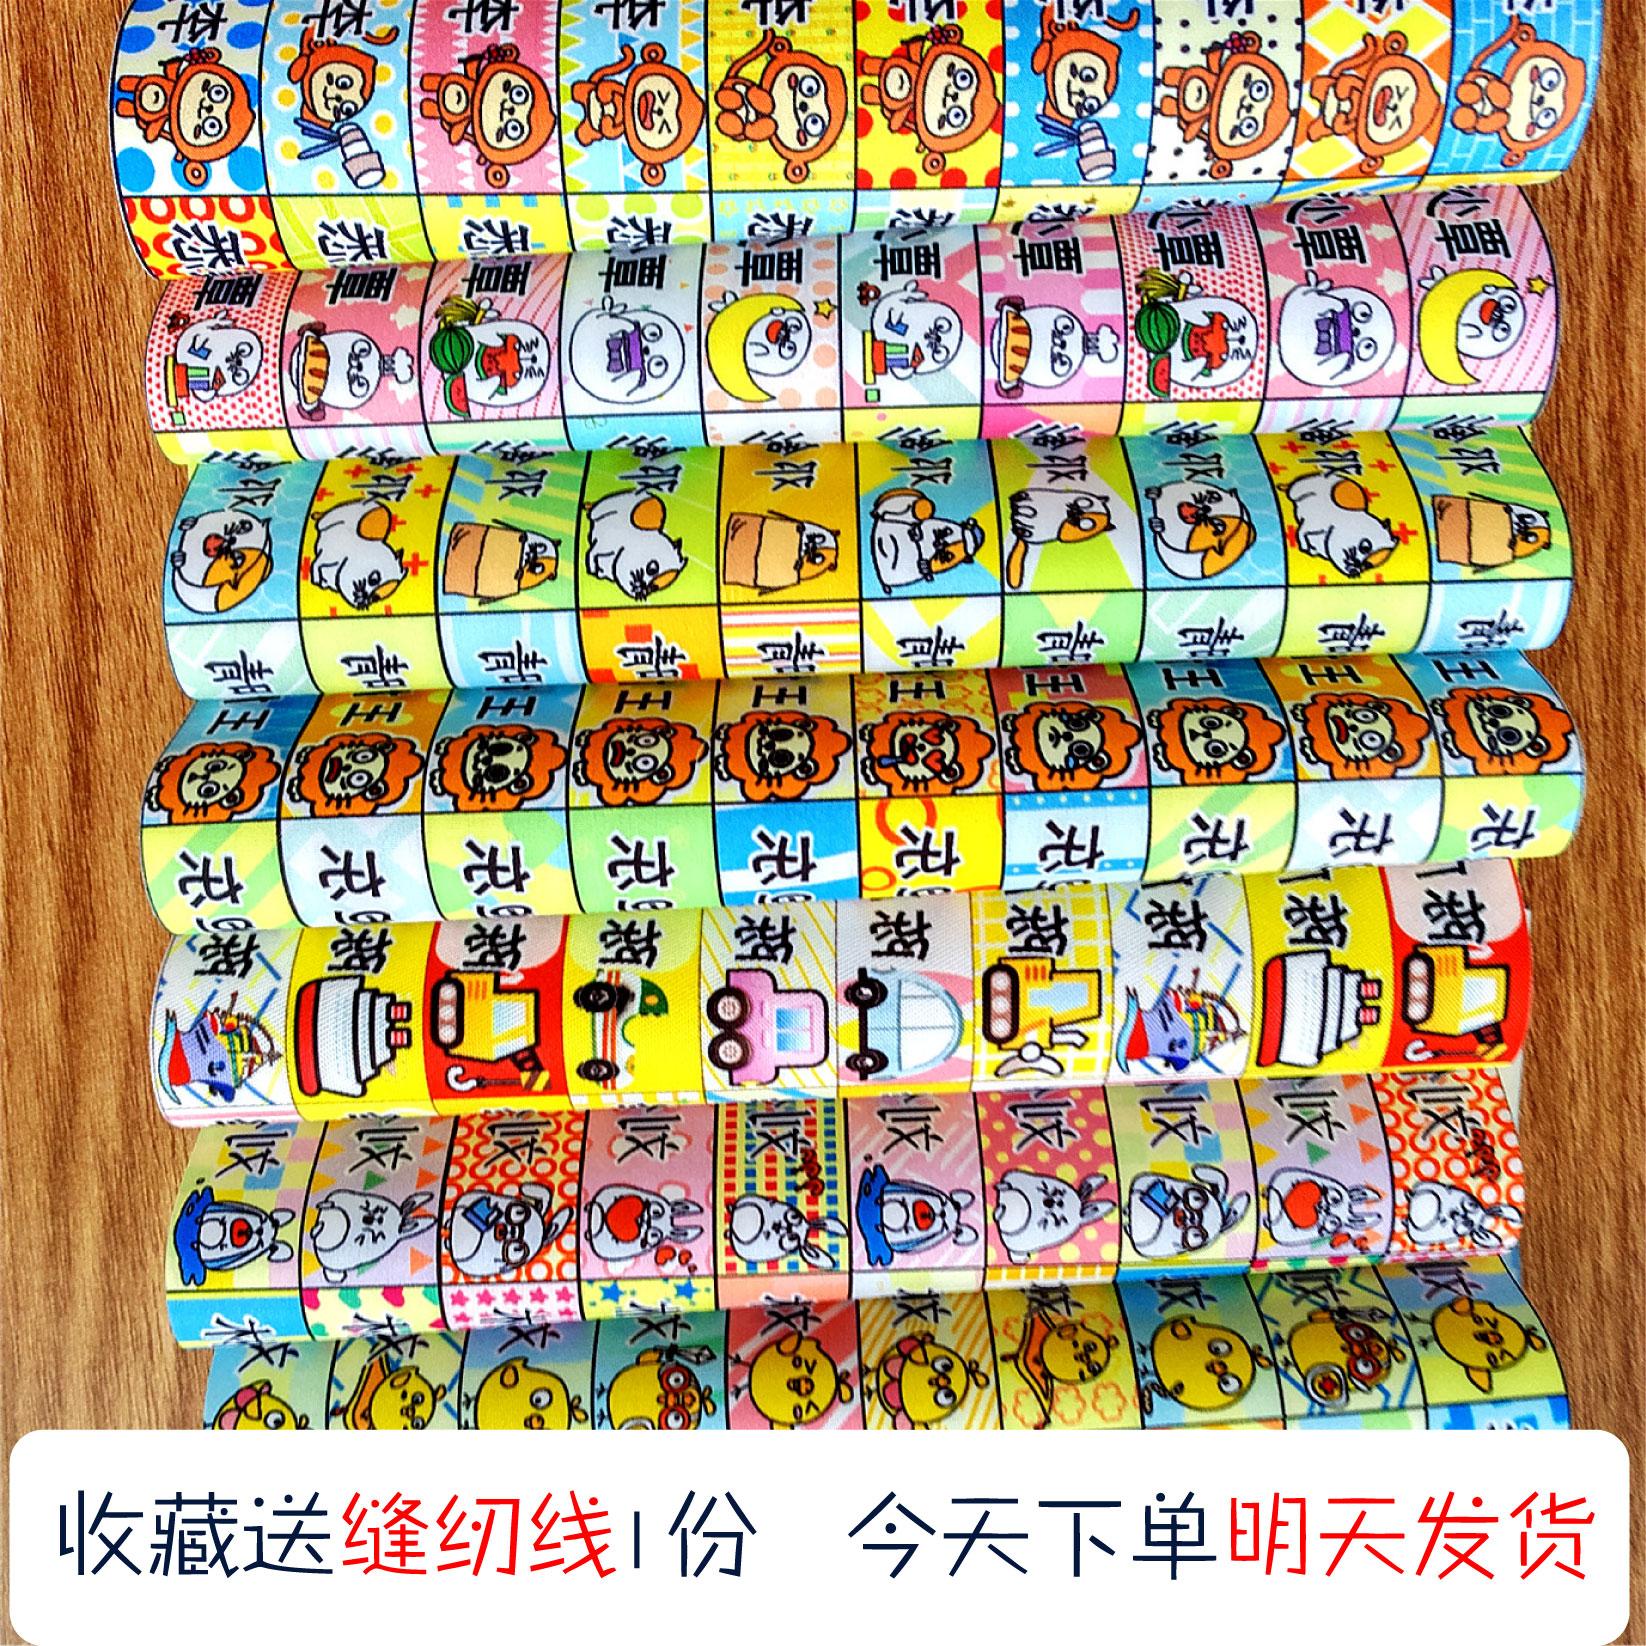 Индивидуальный детский сад детские имя слово Имя наклейки могут быть сшиты могут быть вышитой одеждой детские Название студента слово полосатый